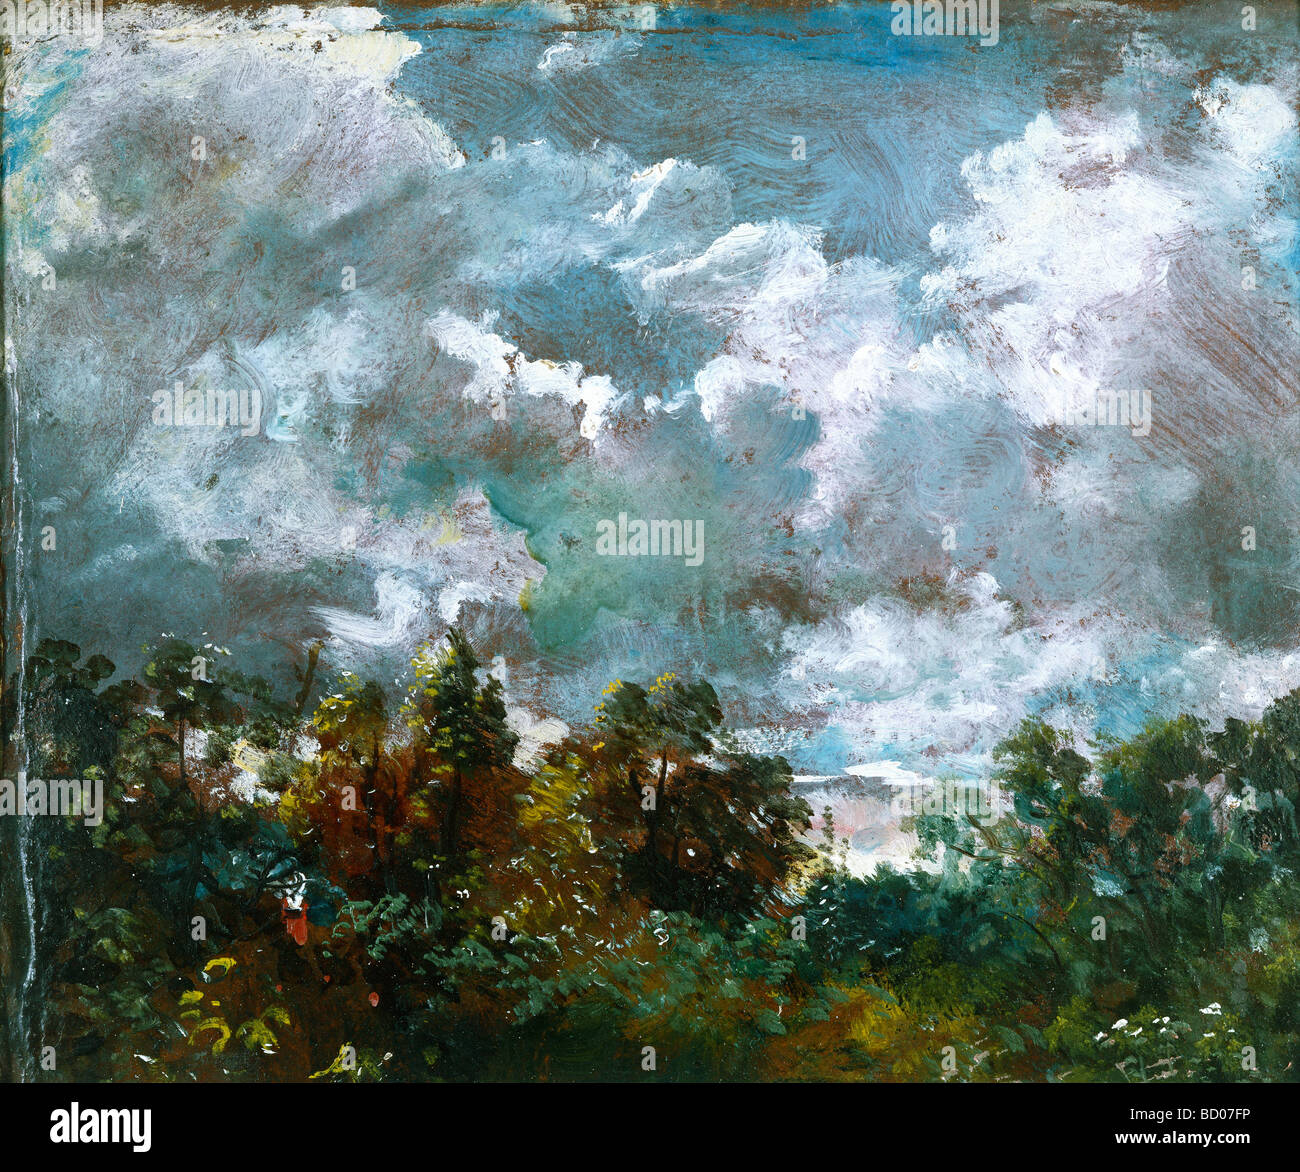 Étude de ciel et les arbres, par John Constable. Londres, Angleterre, 1821-1822 Photo Stock